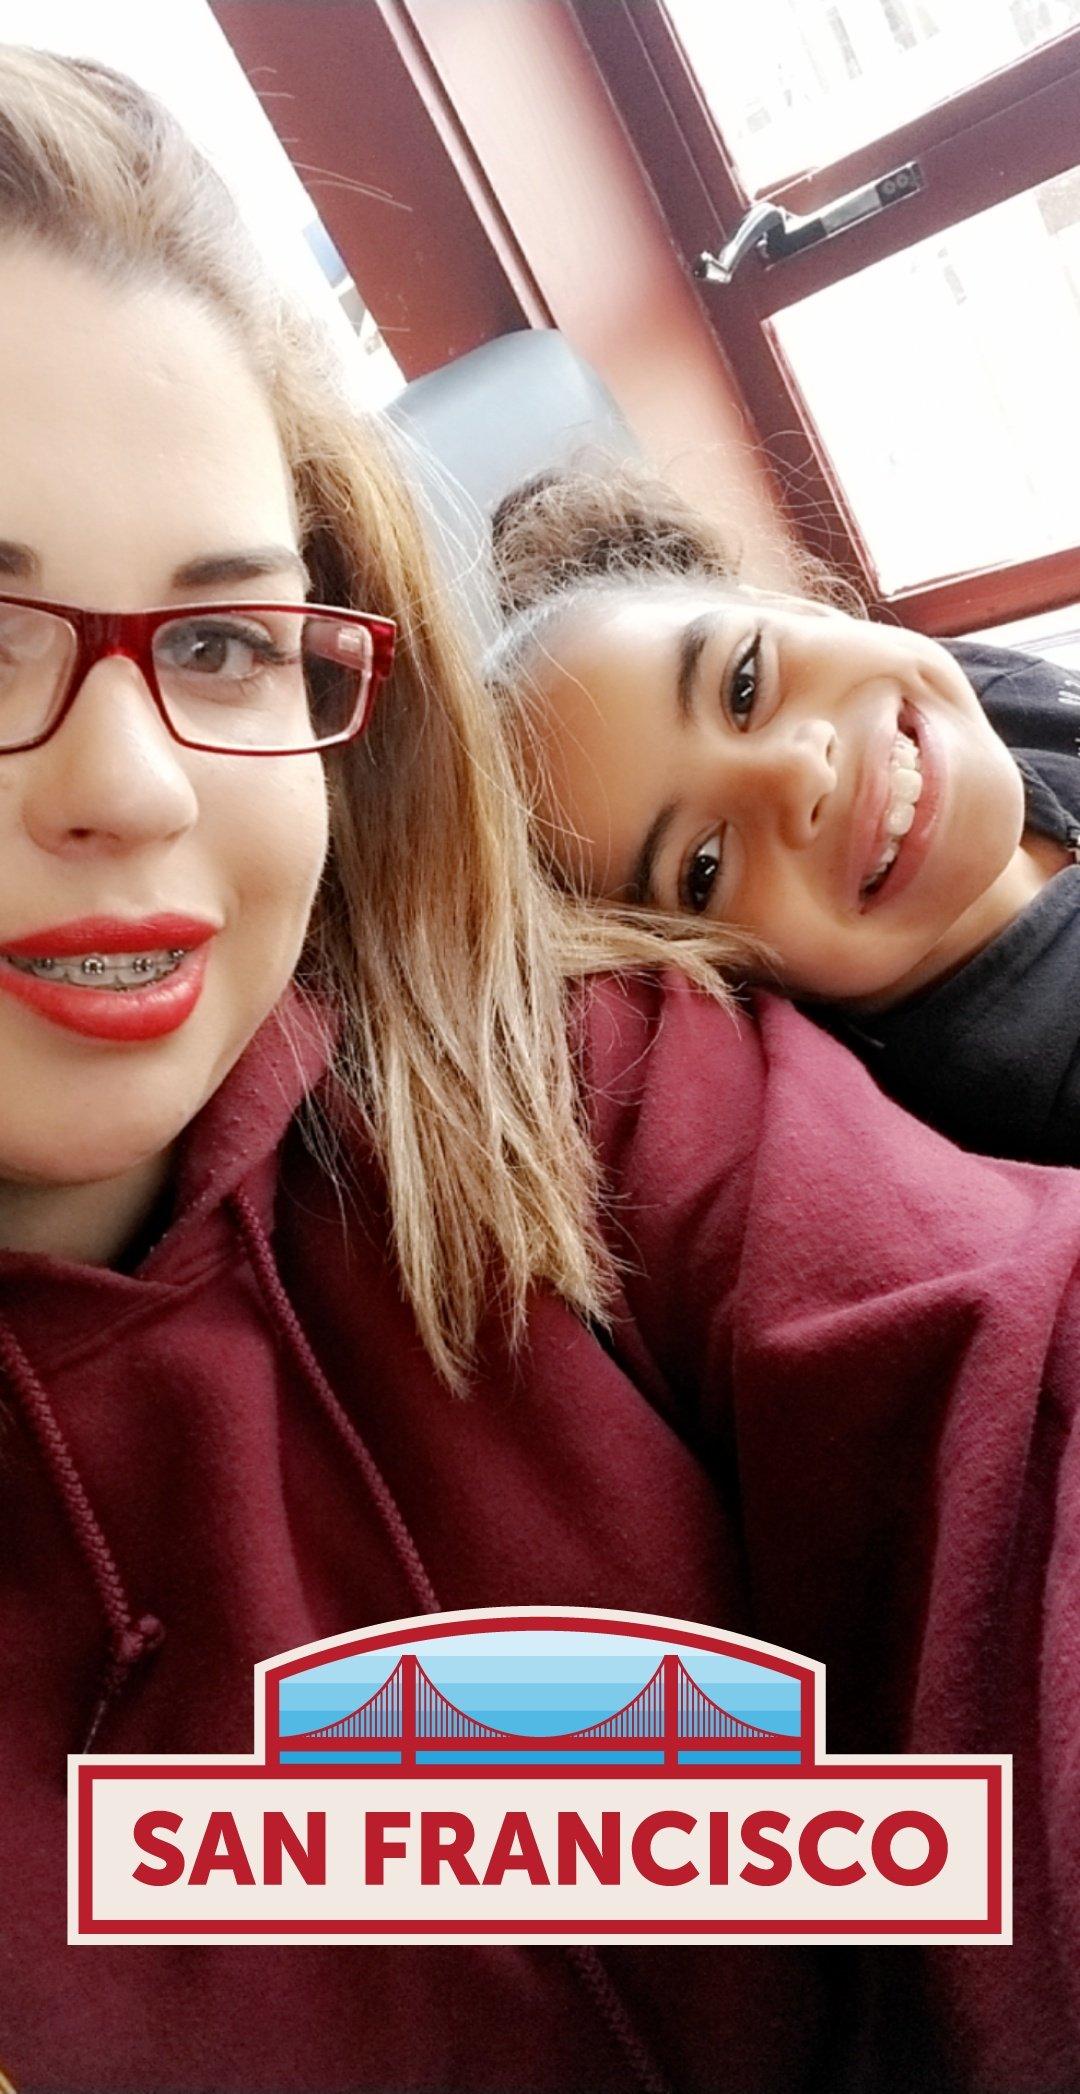 Angelica K On Twitter Treysongz We Need You Back In Az I Had